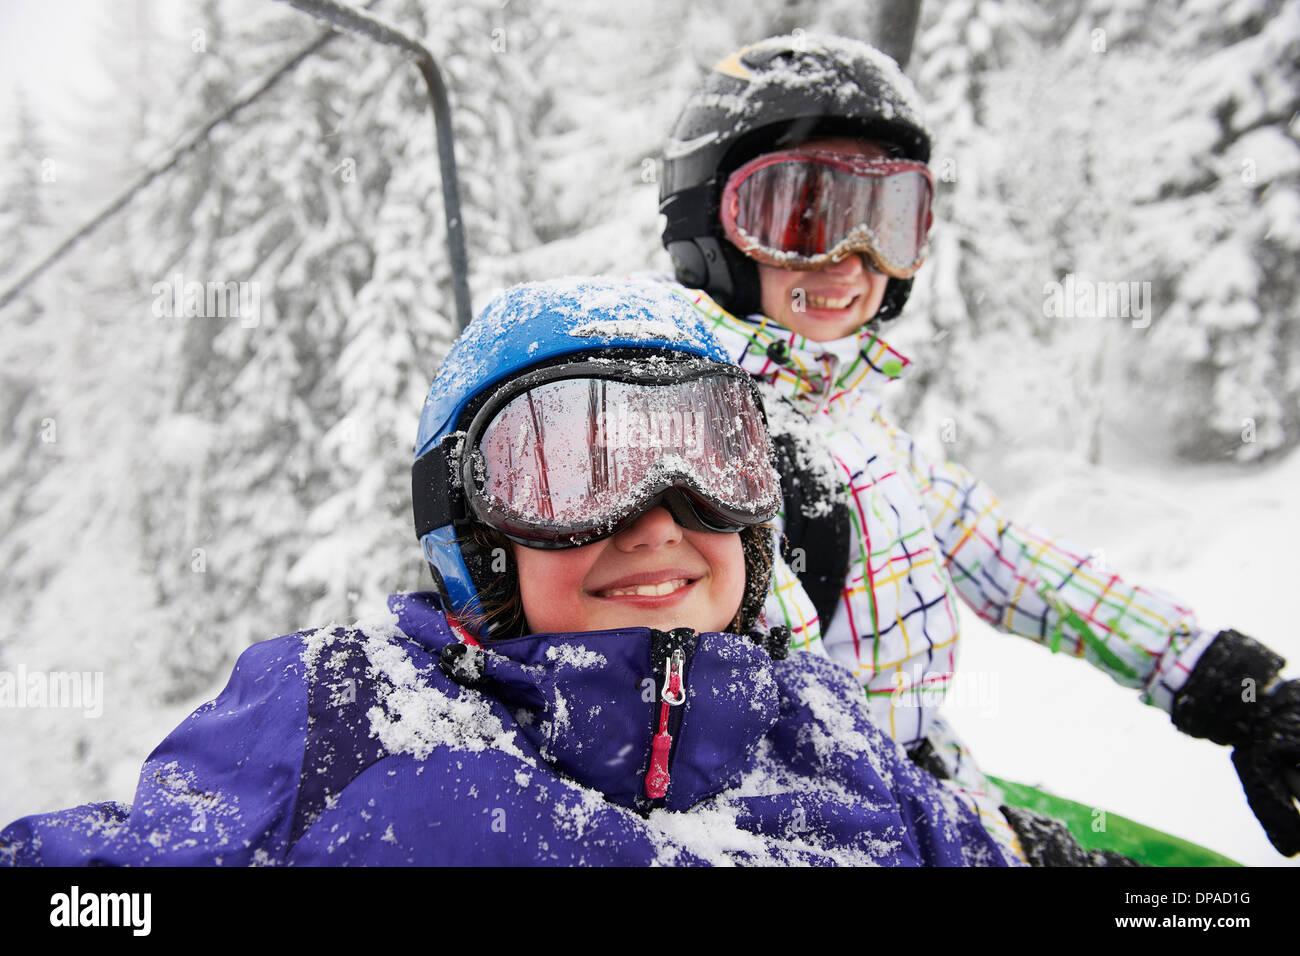 Portrait de la neige a couvert des sœurs, Villaroger, Hauste Savoie, France Photo Stock